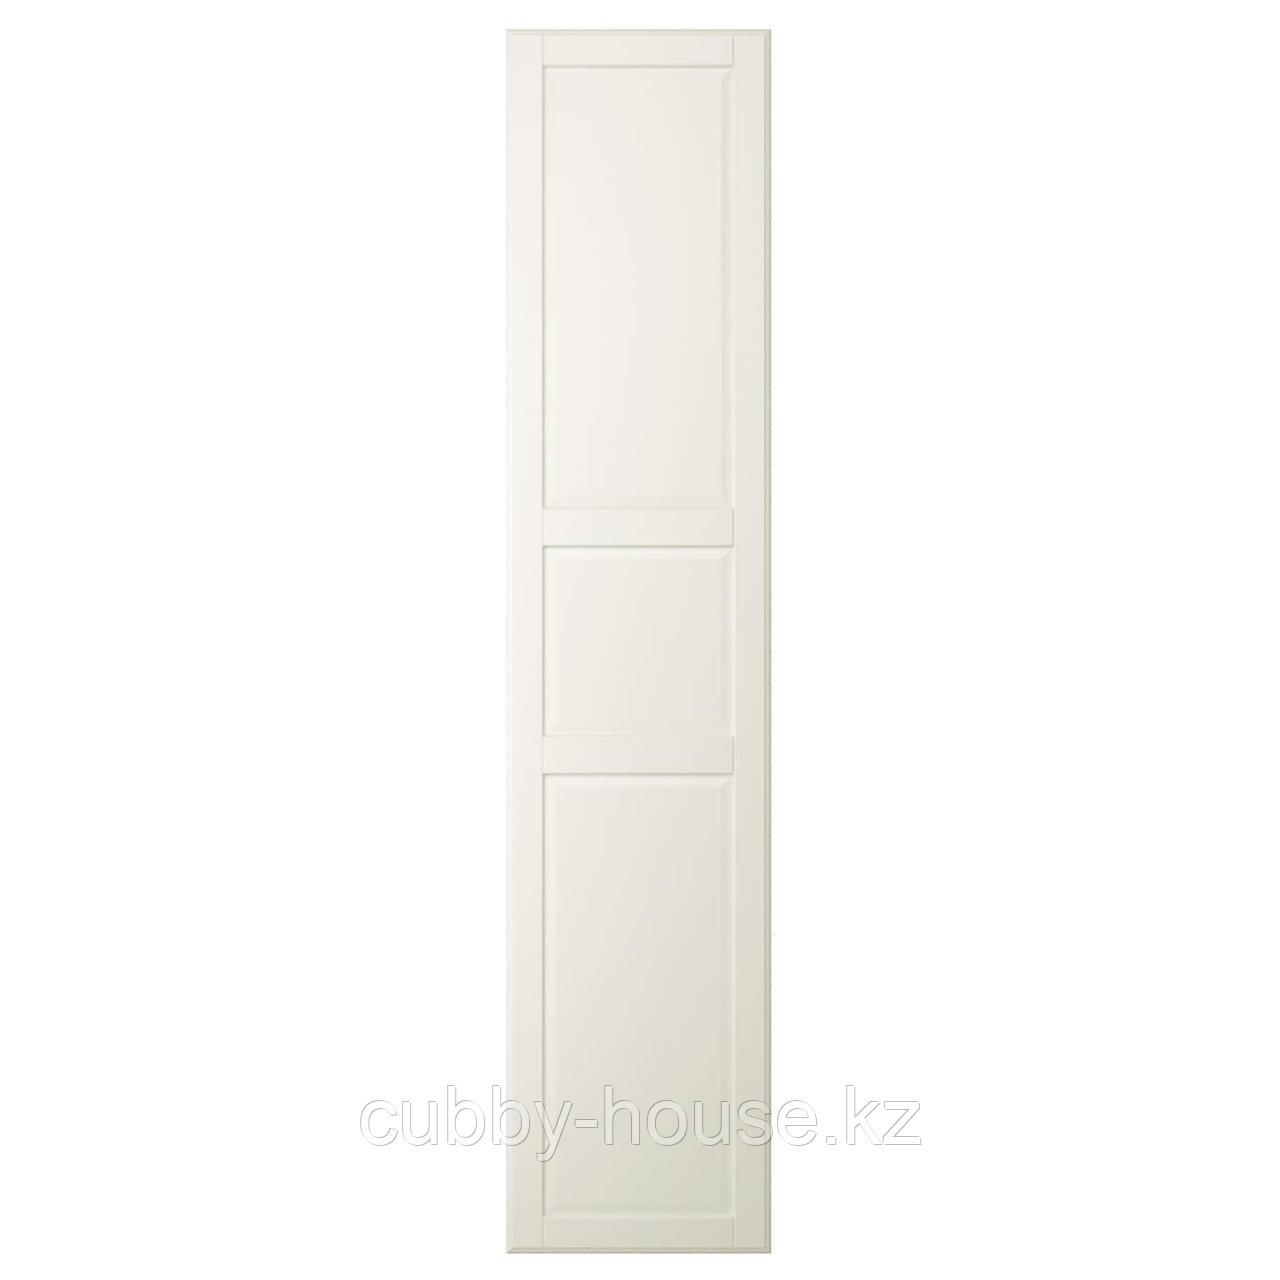 ТИССЕДАЛЬ Дверца с петлями, белый, 50x229 см